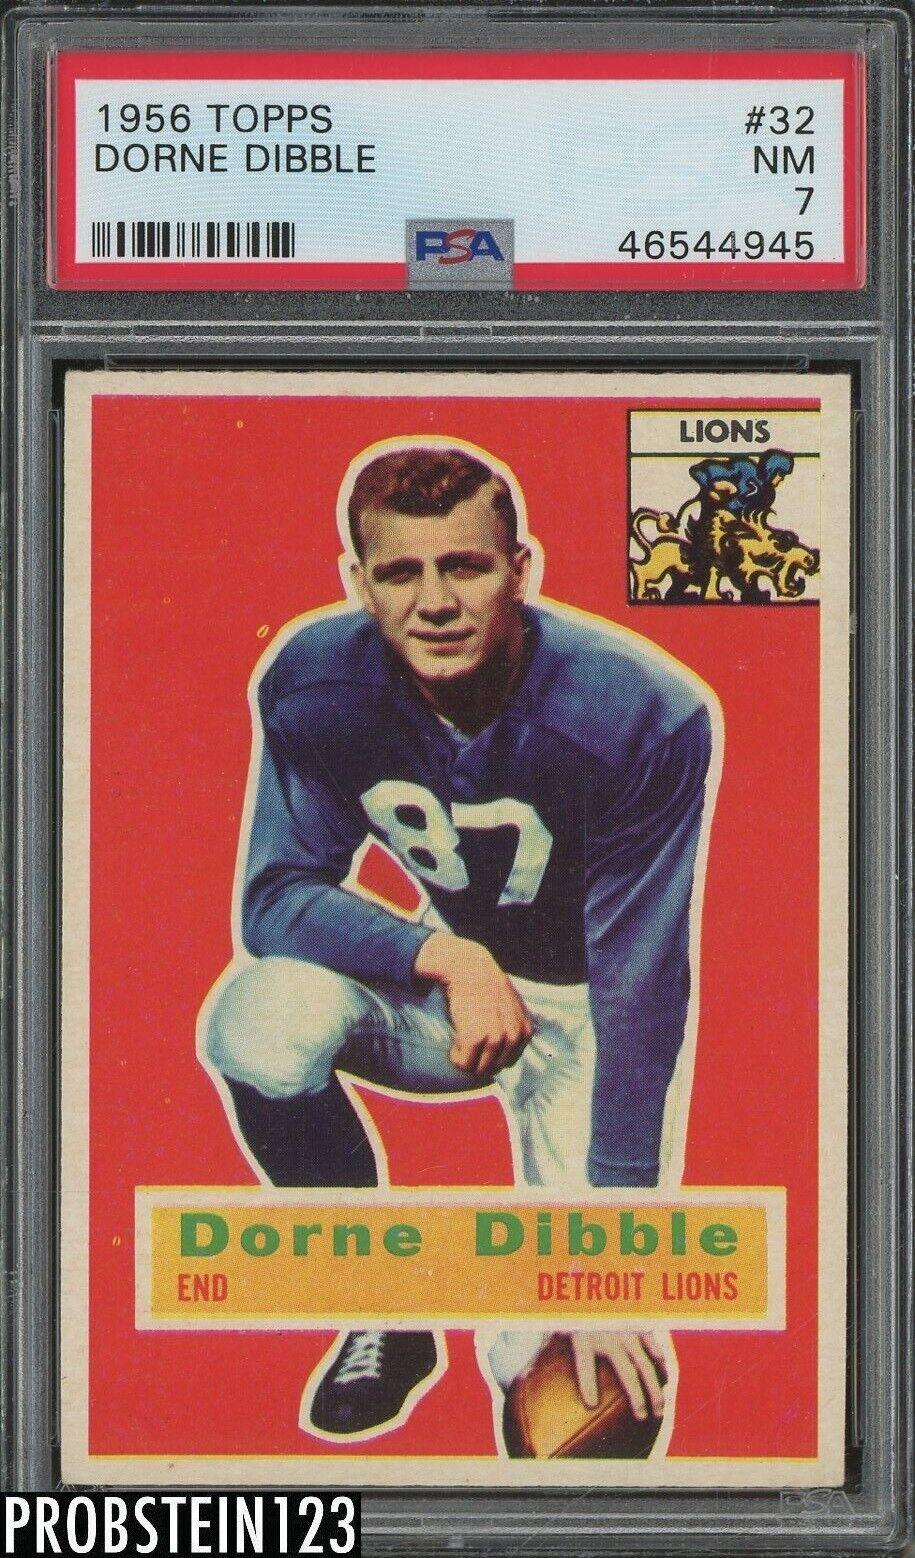 1956 Topps Football 32 Dorne Dibble Detroit Lions PSA 7 NM - $13.50